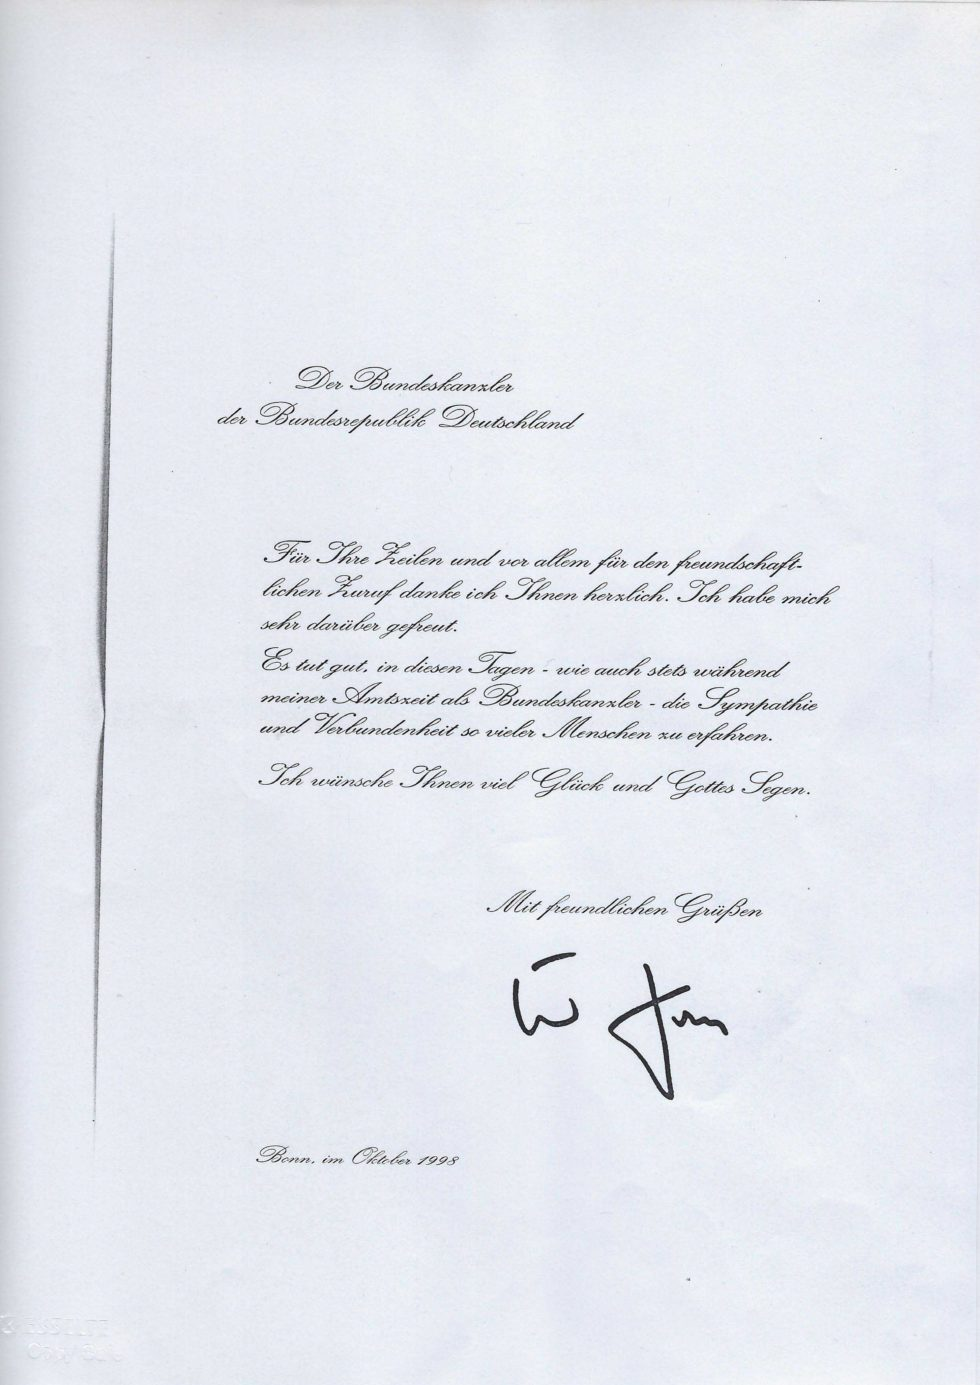 1998 LyrikGarten, LiteraTalk, Politisches_Seite_44